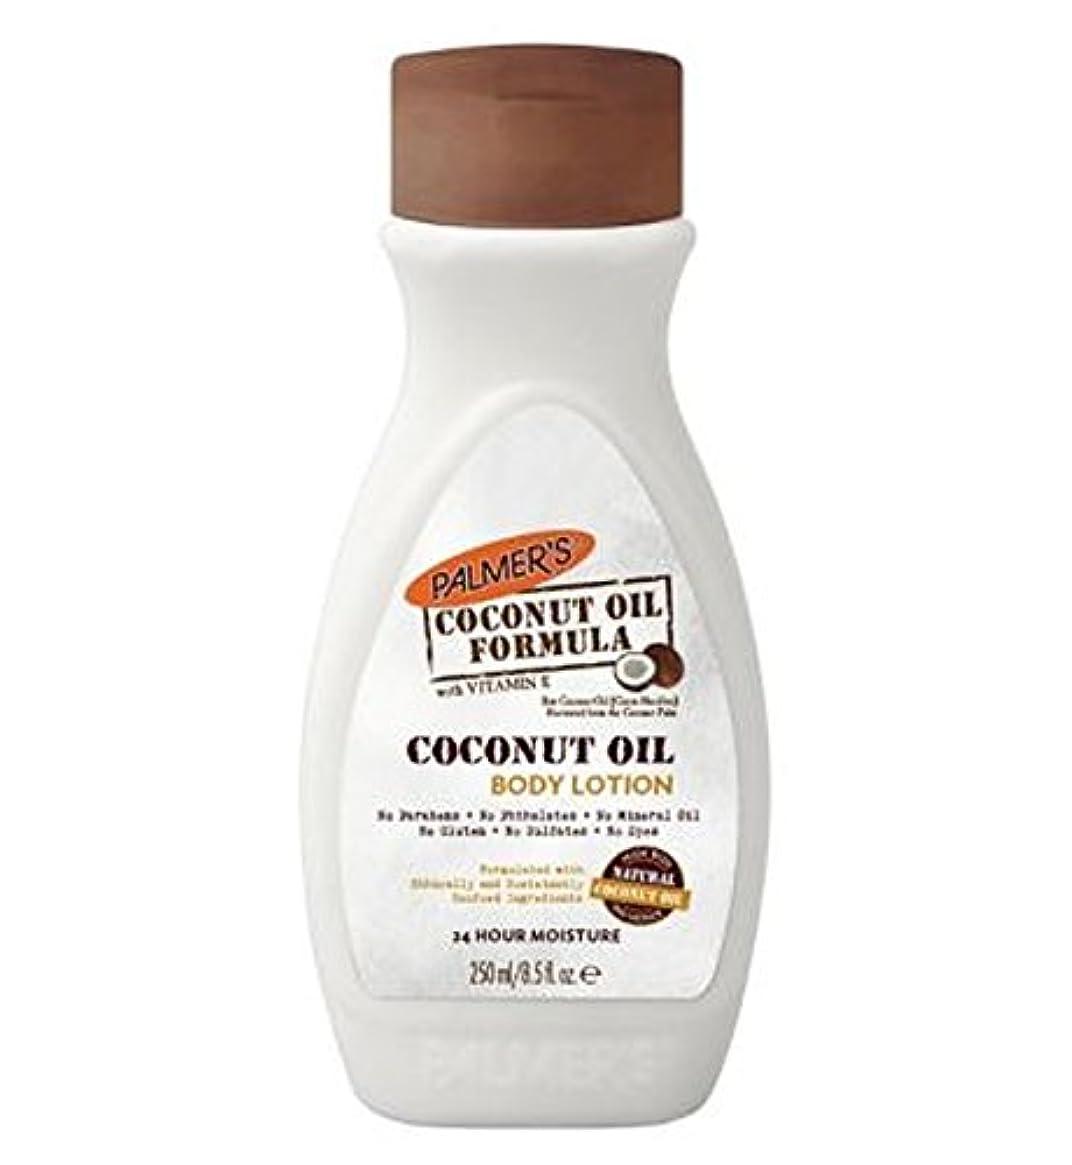 ガチョウ粘液ペナルティパーマーのココナッツオイル式ボディローション250ミリリットル (Palmer's) (x2) - Palmer's Coconut Oil Formula Body Lotion 250ml (Pack of 2) [...